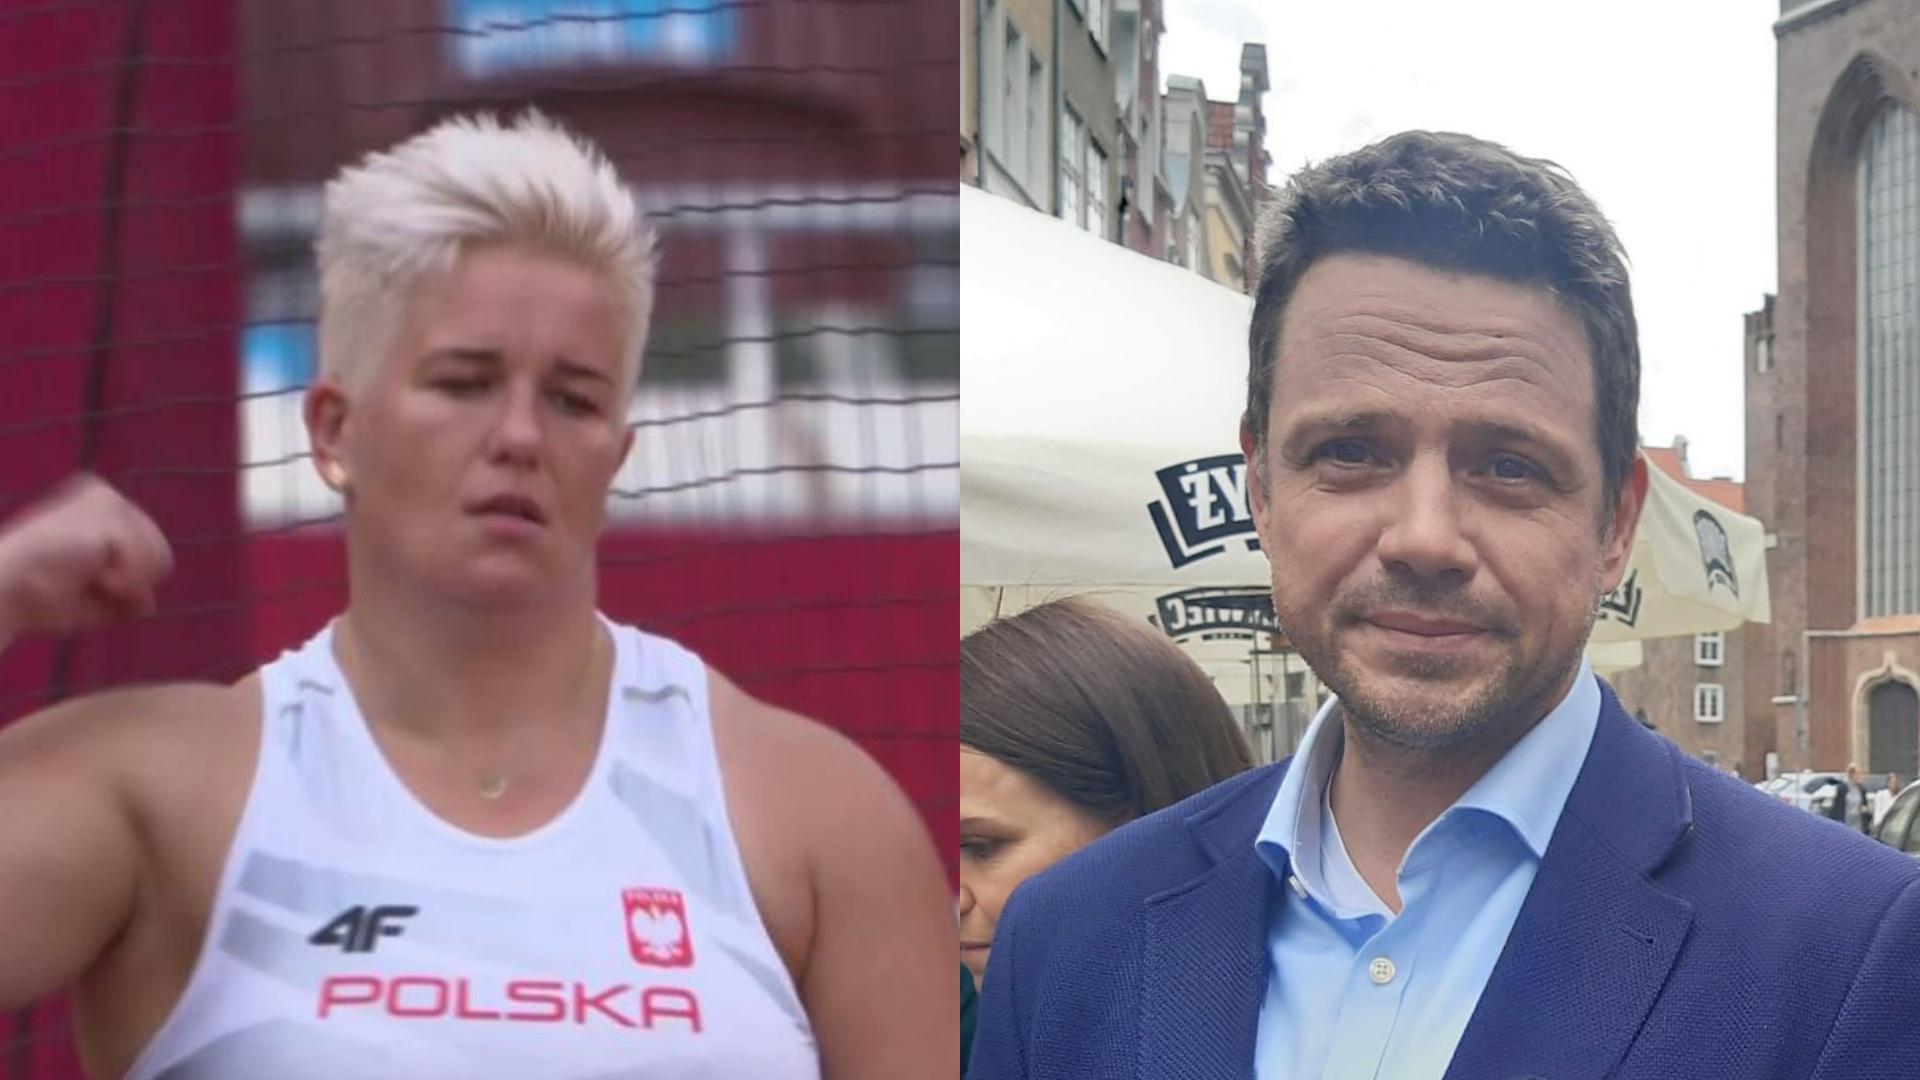 """Trzaskowski gratuluje Włodarczyk. Internauci zareagowali: """"Wyremontuj Stadion Skry"""""""